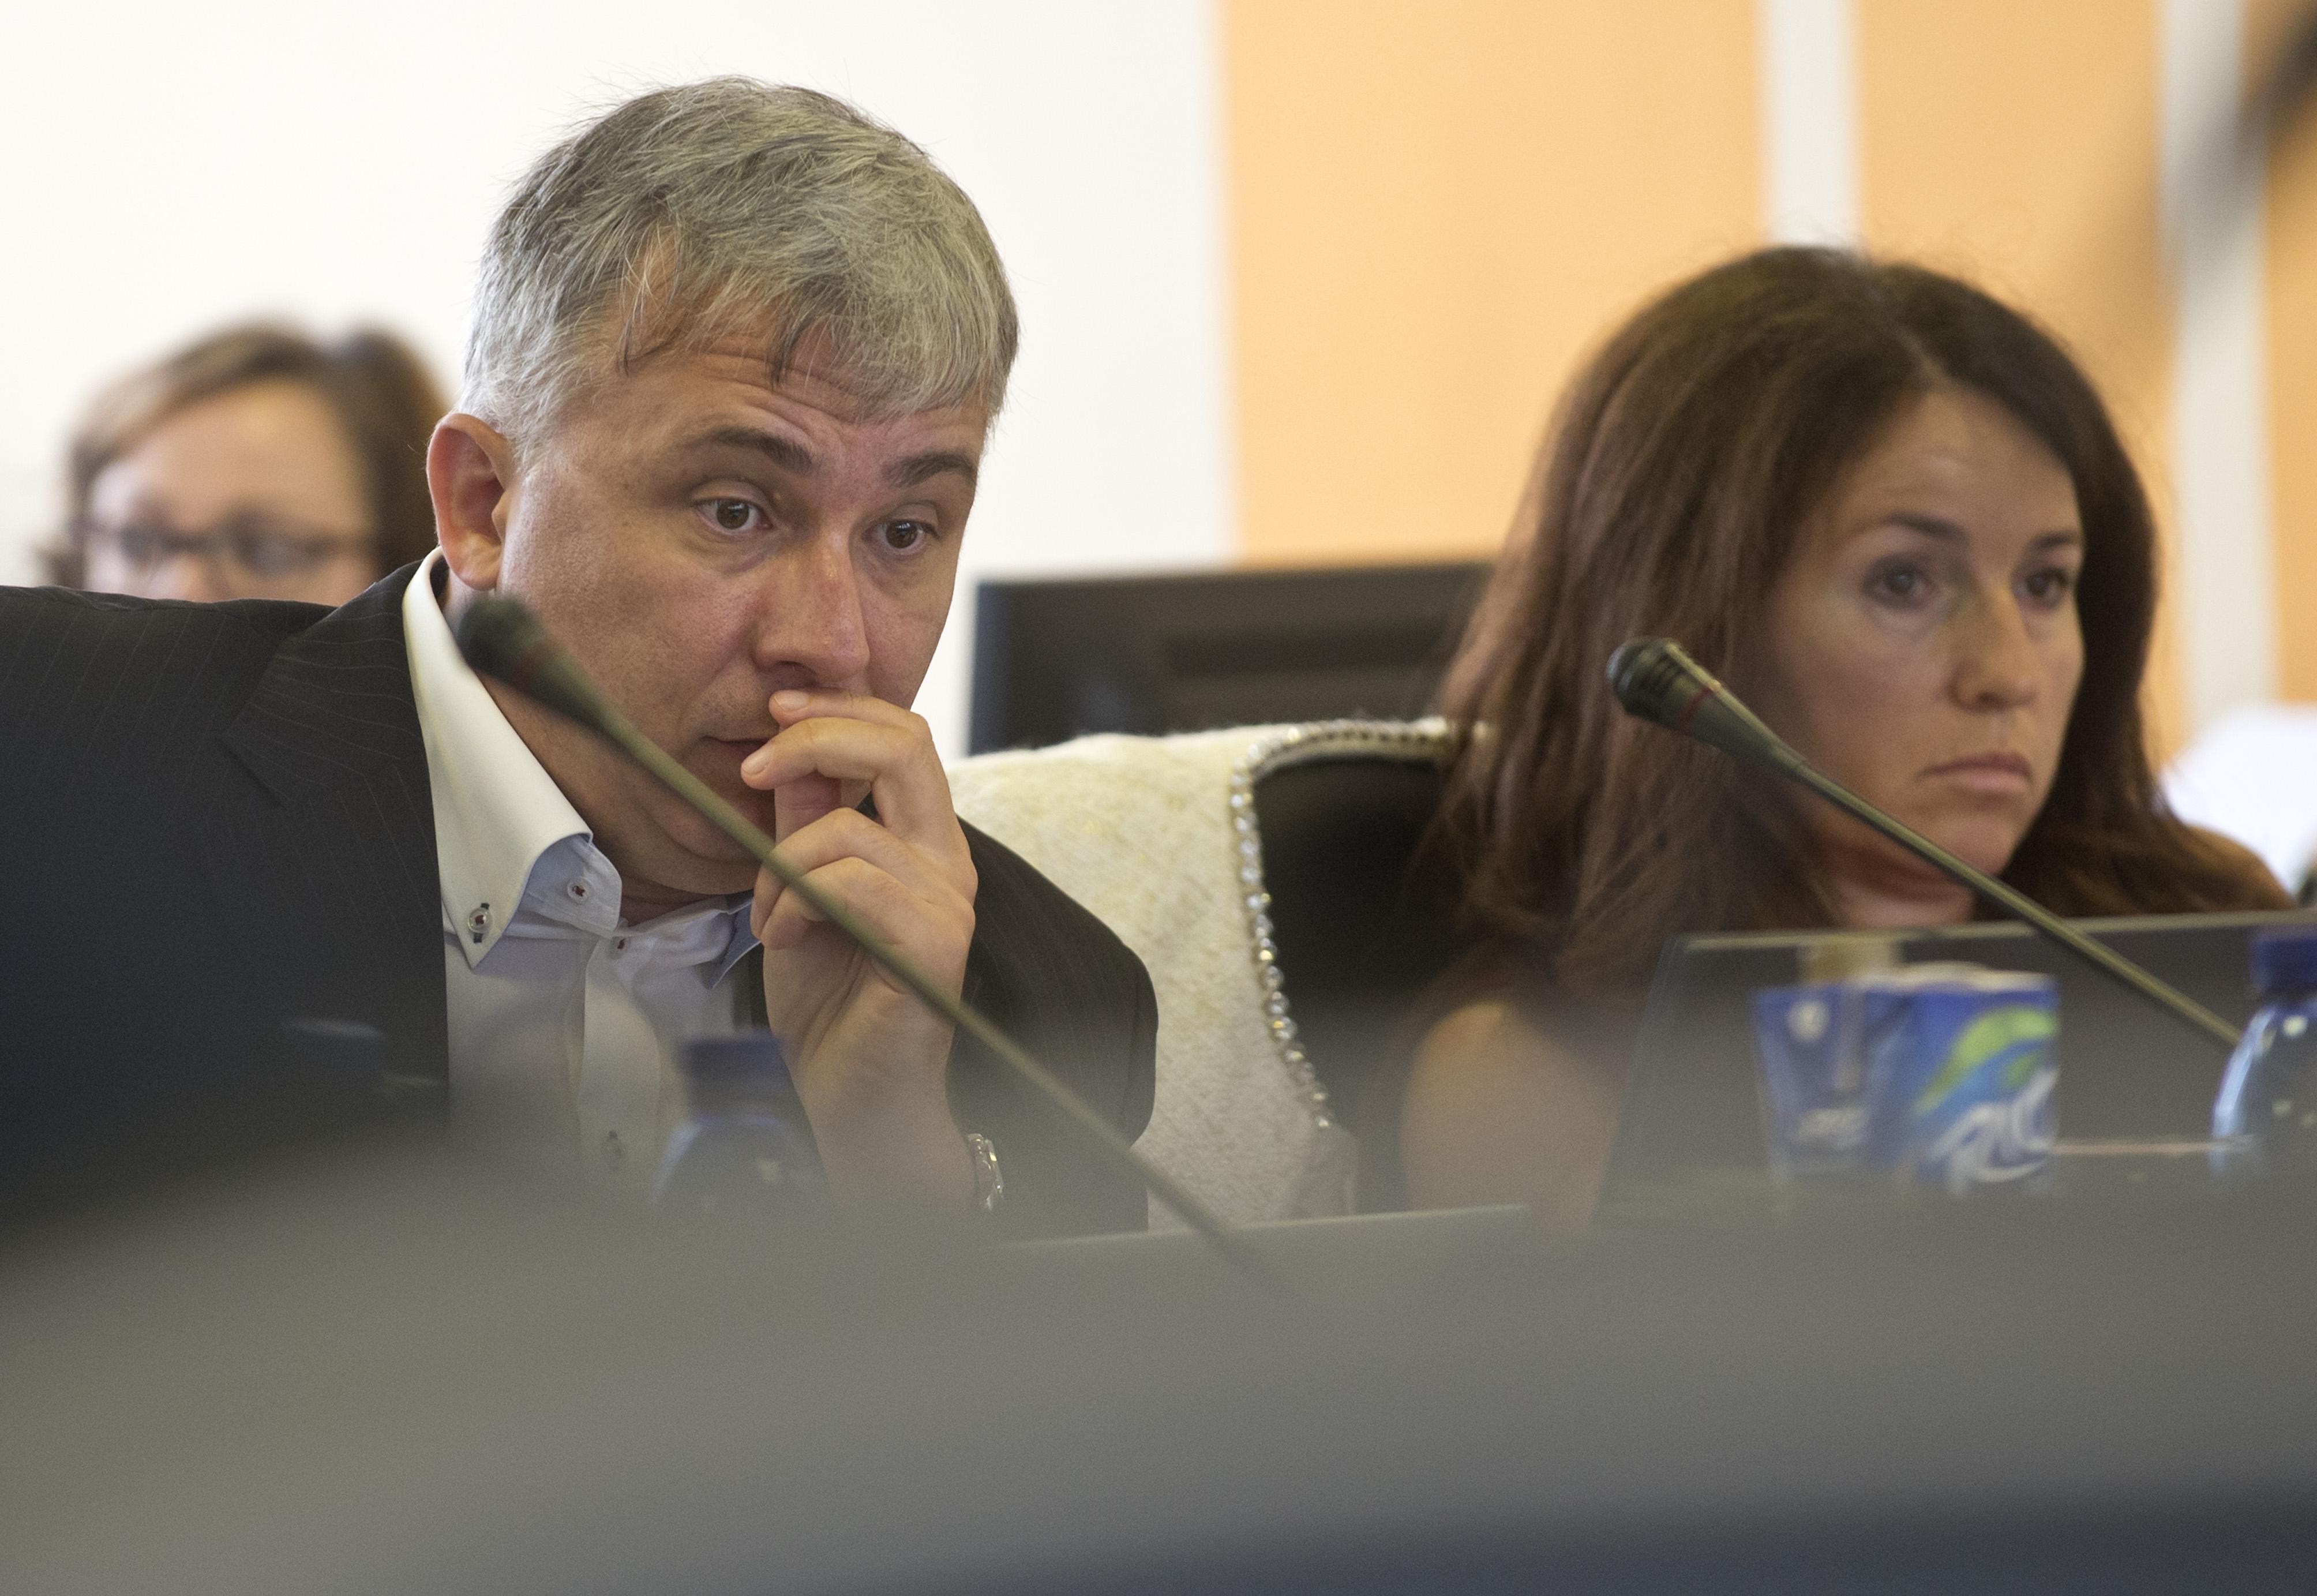 Na snímke v¾avo Jozef Vozár a vpravo Elena Berthotyová poèas 18. zasadnutia Súdnej rady SR v utorok 16. septembra 2014 v Bratislave. FOTO TASR - Martin Baumann